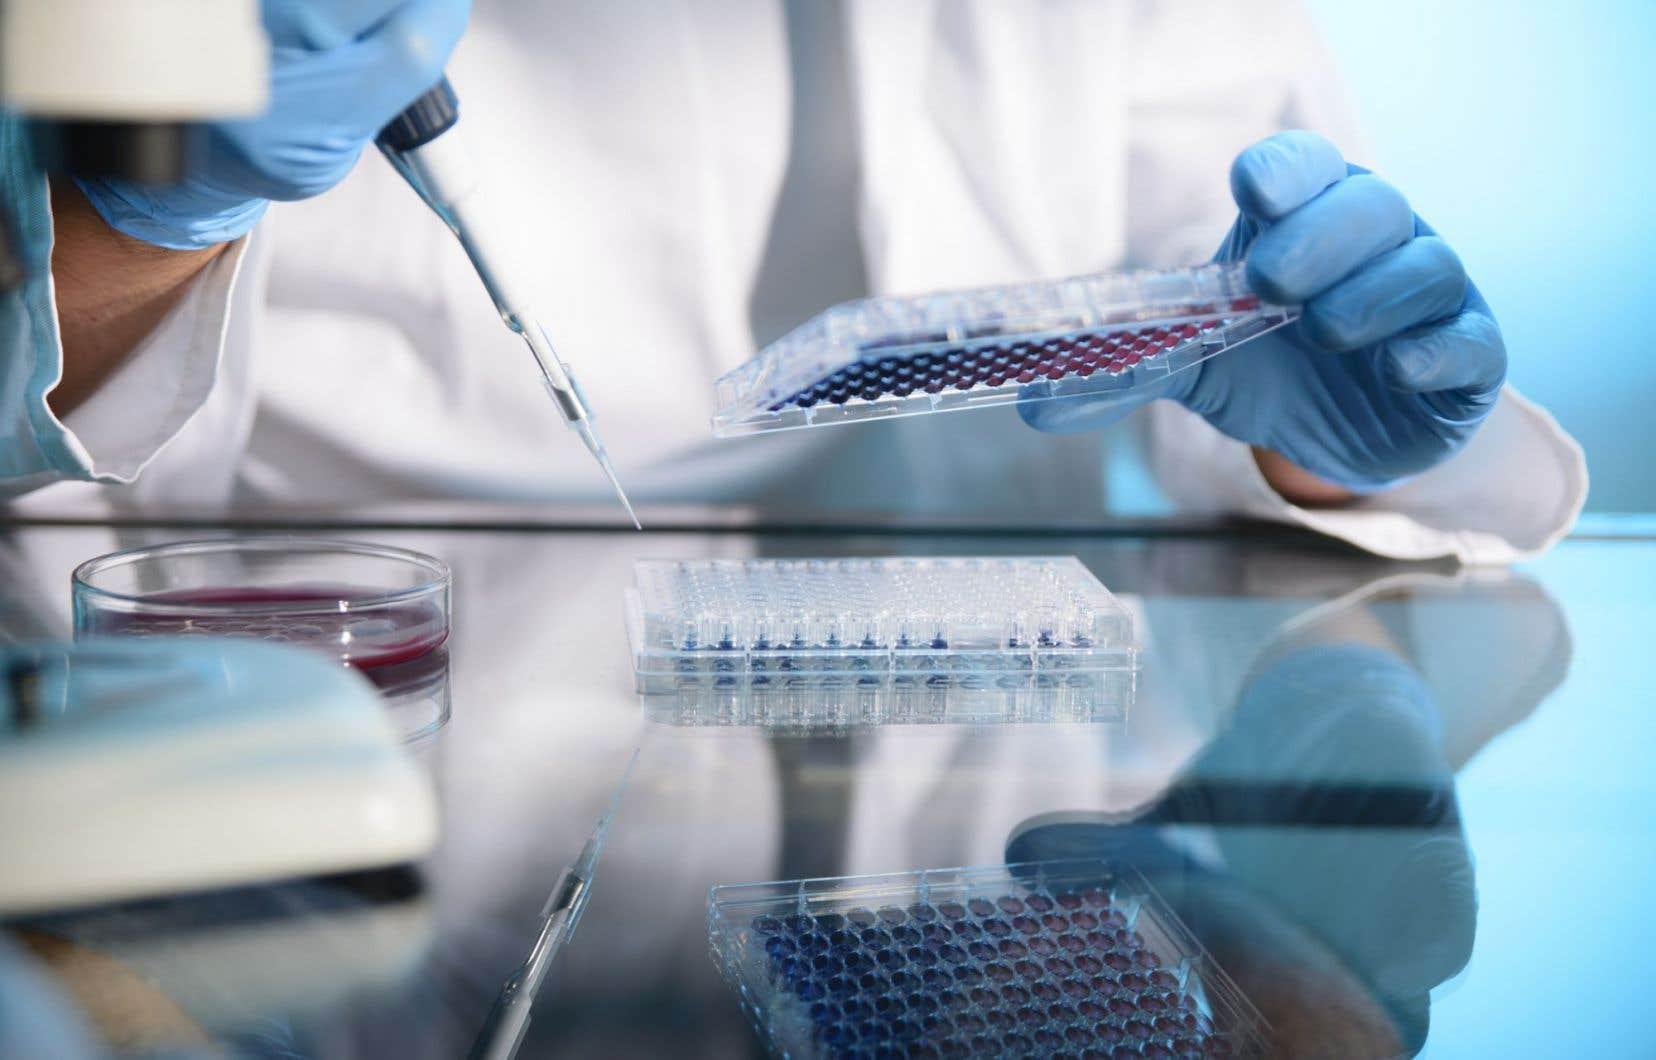 La profession médicale s'est dite en faveur de cette loi parce qu'elle s'inquiète que de plus en plus de patients refusent de passer des tests génétiques qui pourraient améliorer leurs traitements par crainte d'être ensuite inadmissibles à de l'assurance.